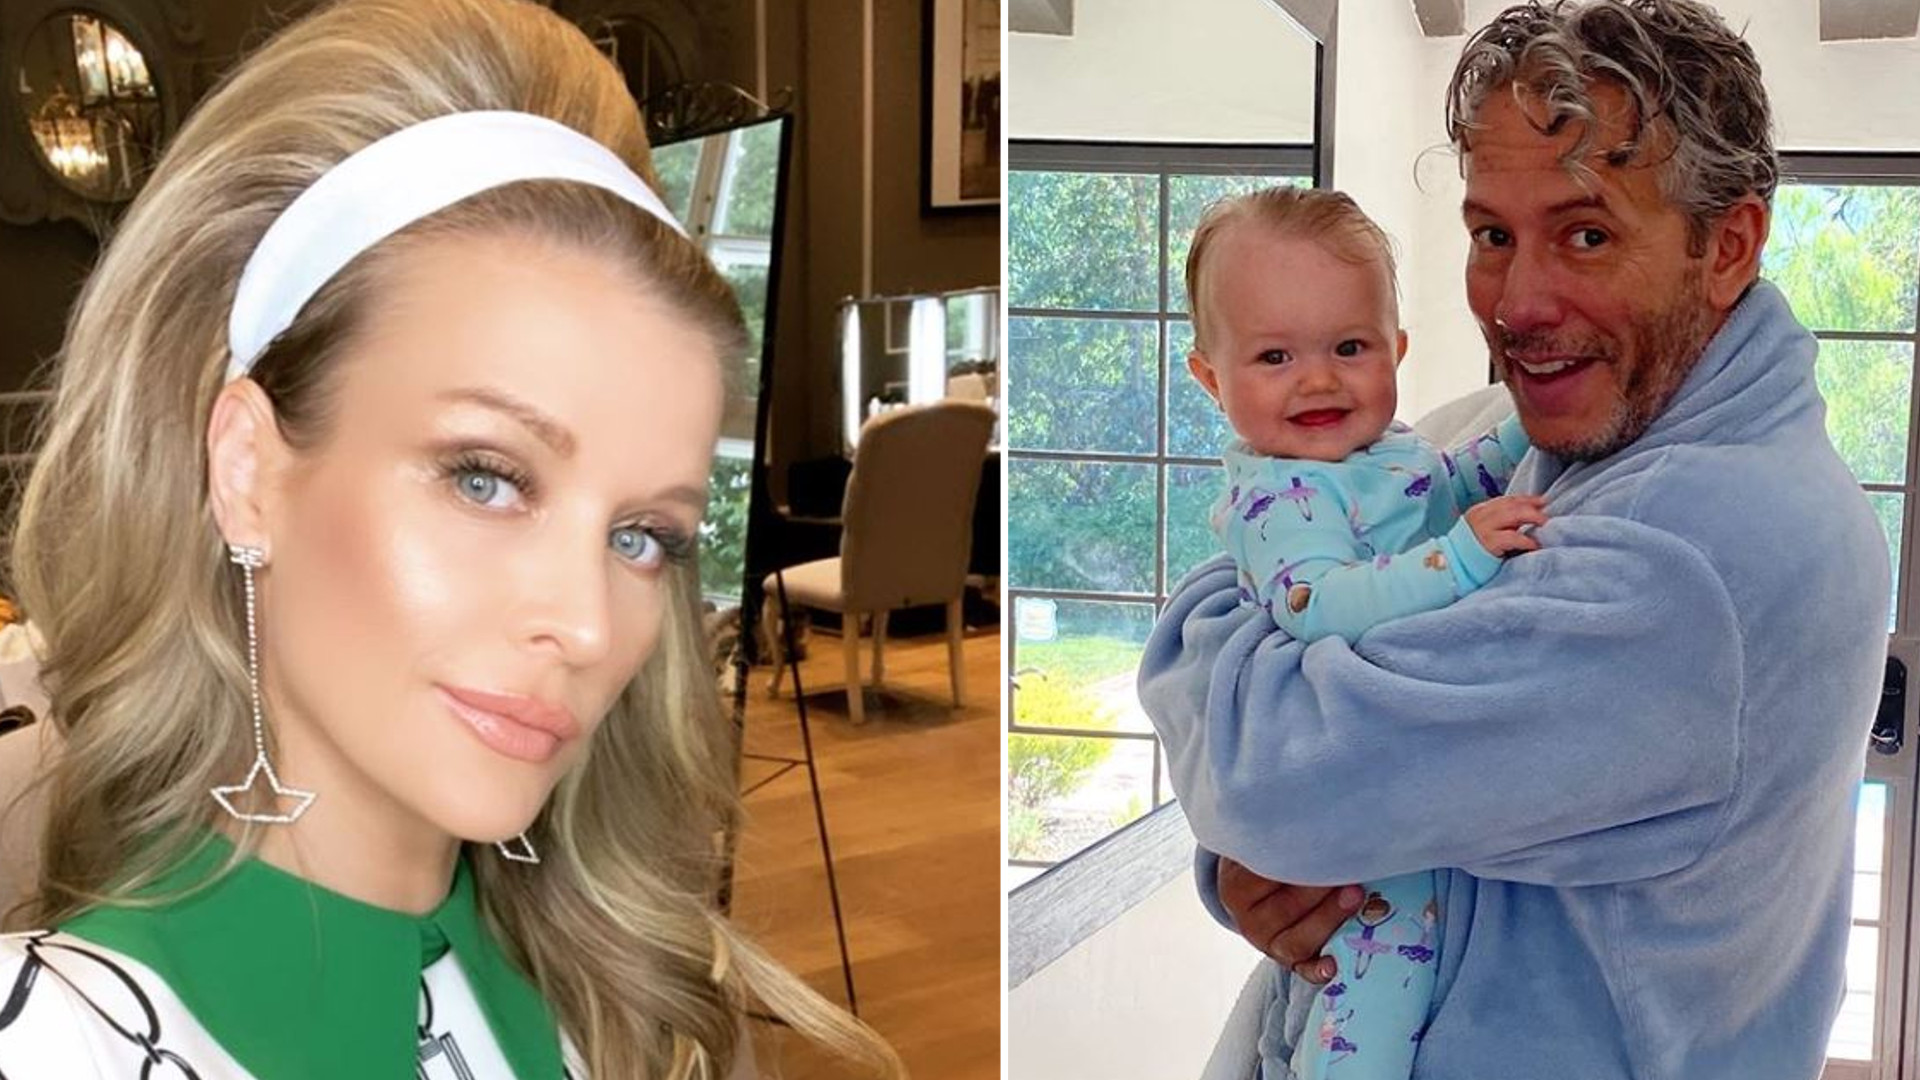 Joanna Krupa pokazała UROCZĄ reakcję małej Ashy na widok taty – tak się witali po długiej rozłące